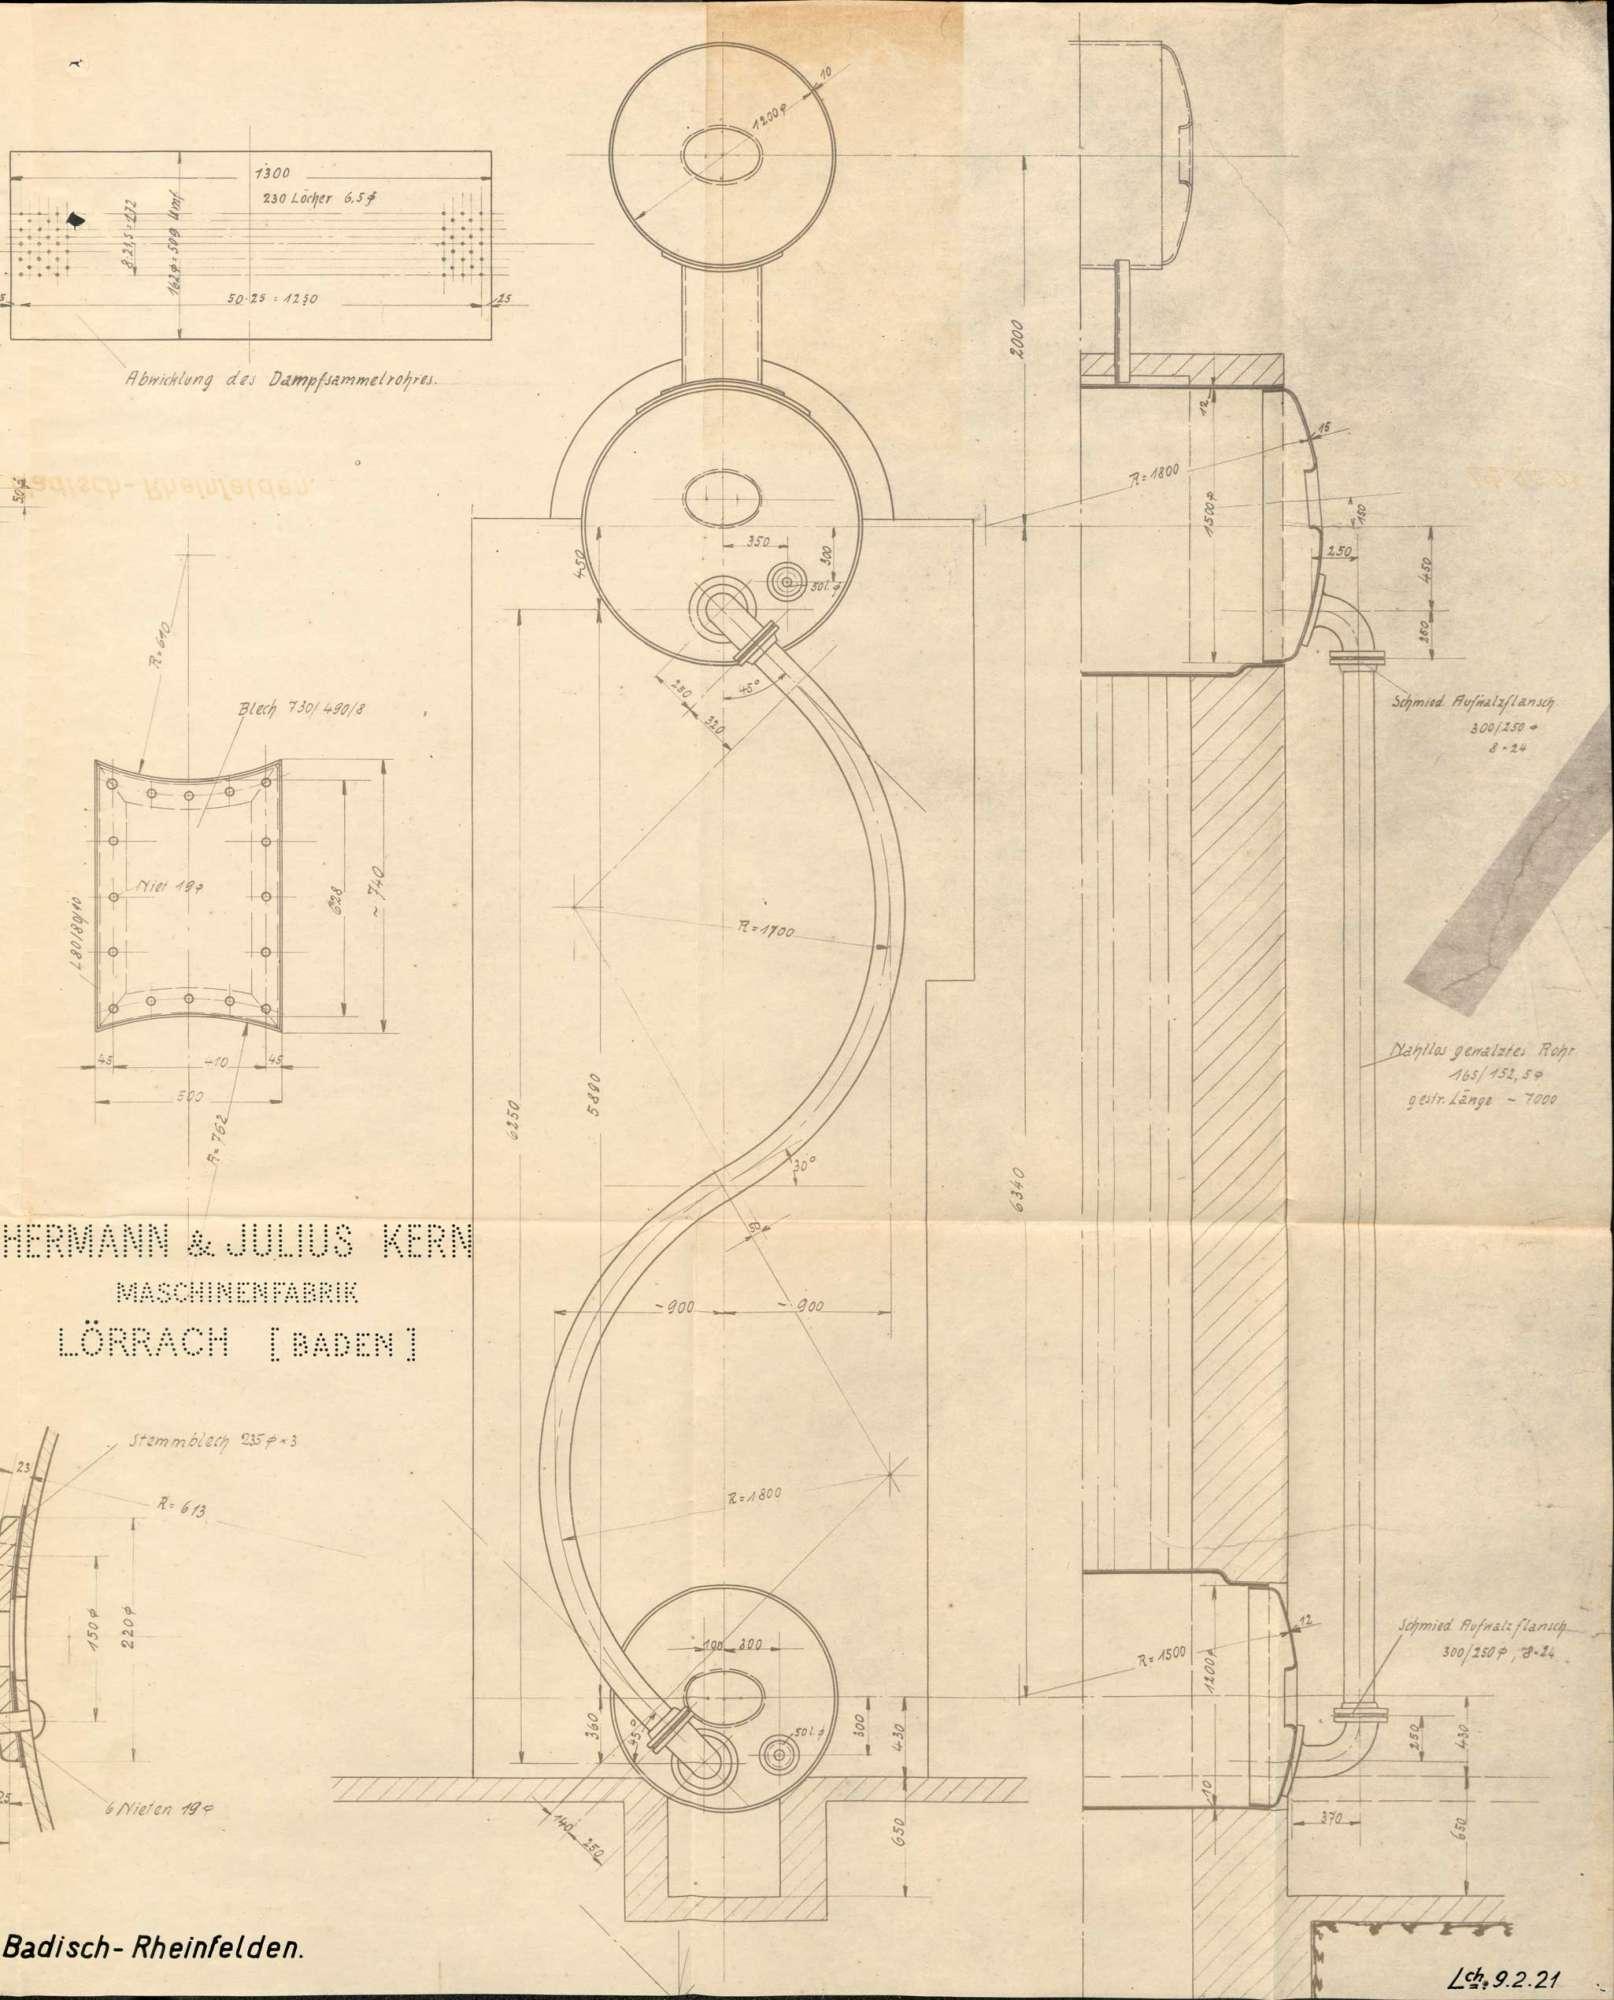 Dampfkessel der Firma Gold- und Silberscheideanstalt, vormals Rössler AG, in Badisch Rheinfelden bzw. Rheinfelden (Baden), Bild 2